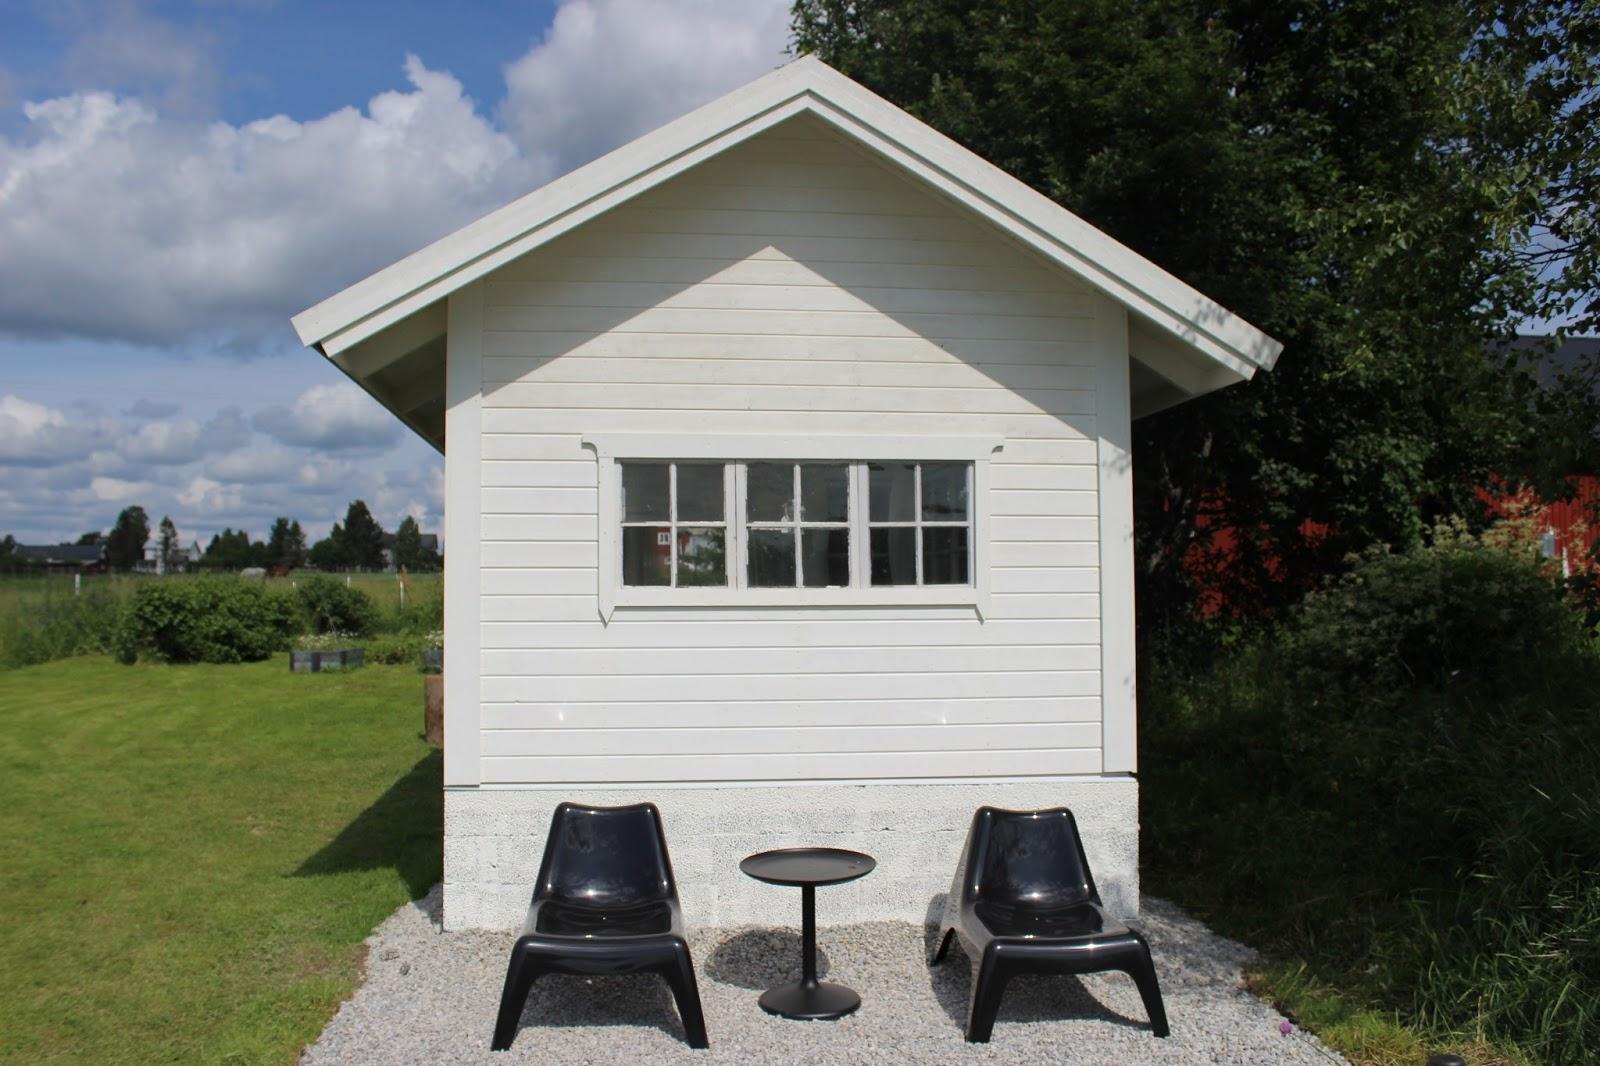 BygdegÃ¥rden: Bygga orangerie, Bygga växthus, Bygga uterum - kärt ... : uterum växthus : Inredning